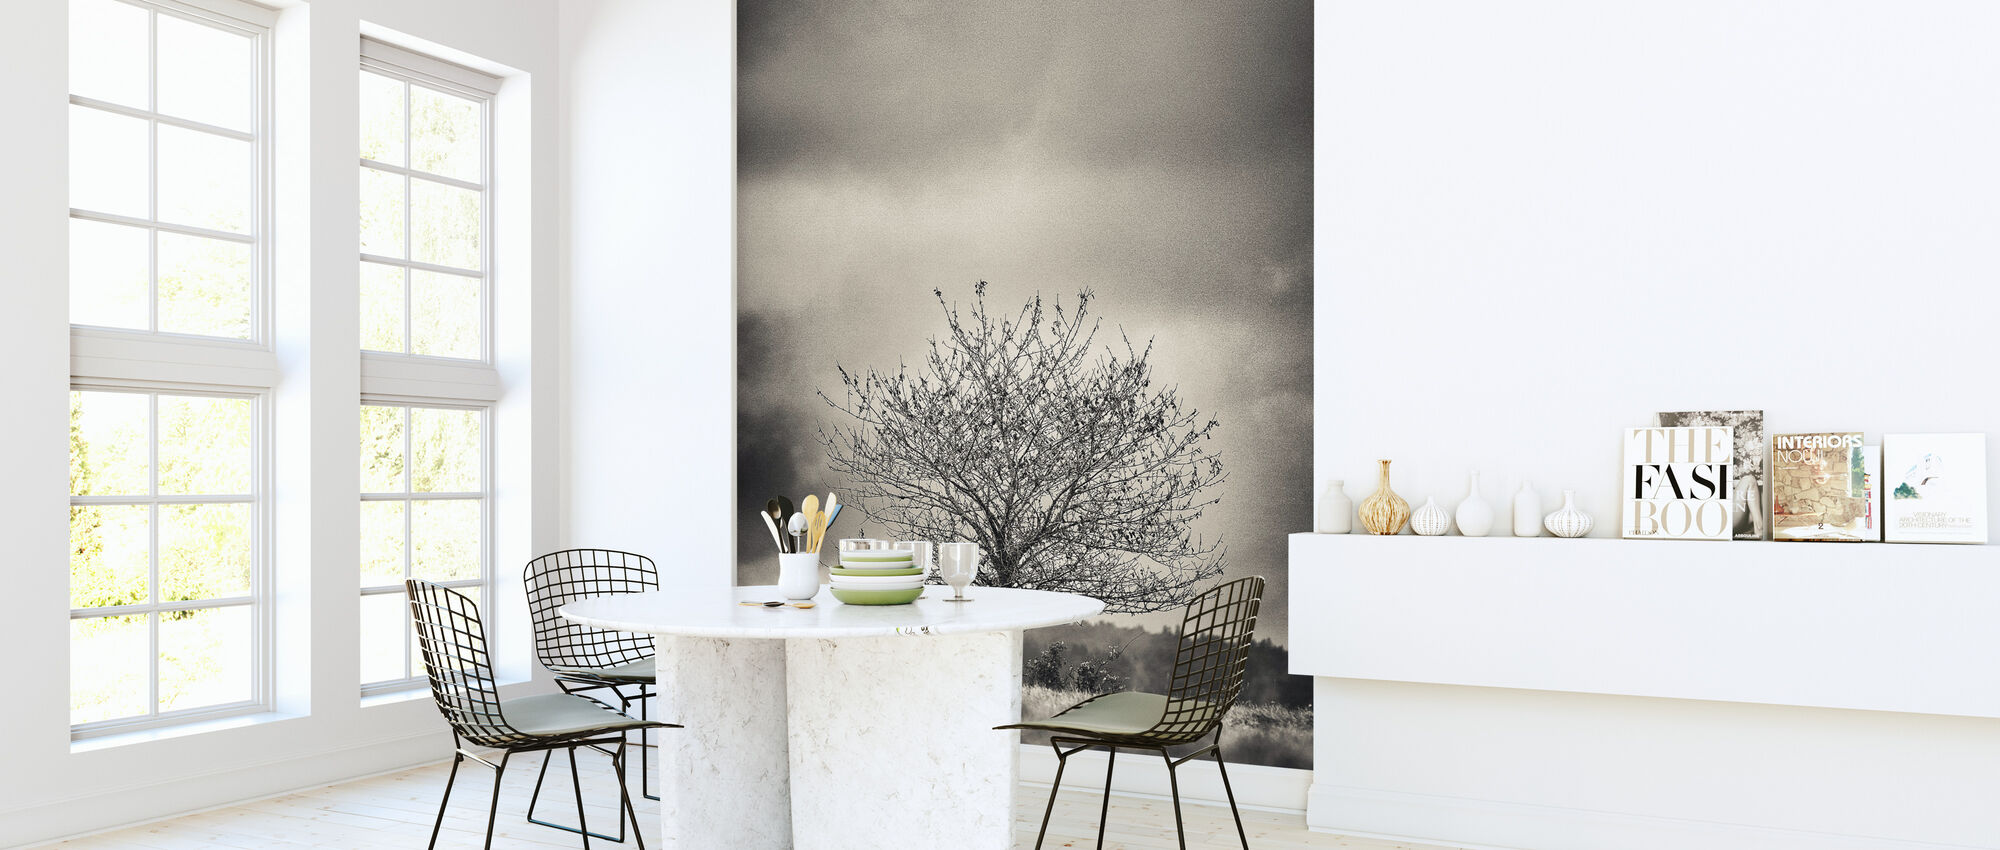 Boom in Halland - Zweden - Behang - Keuken